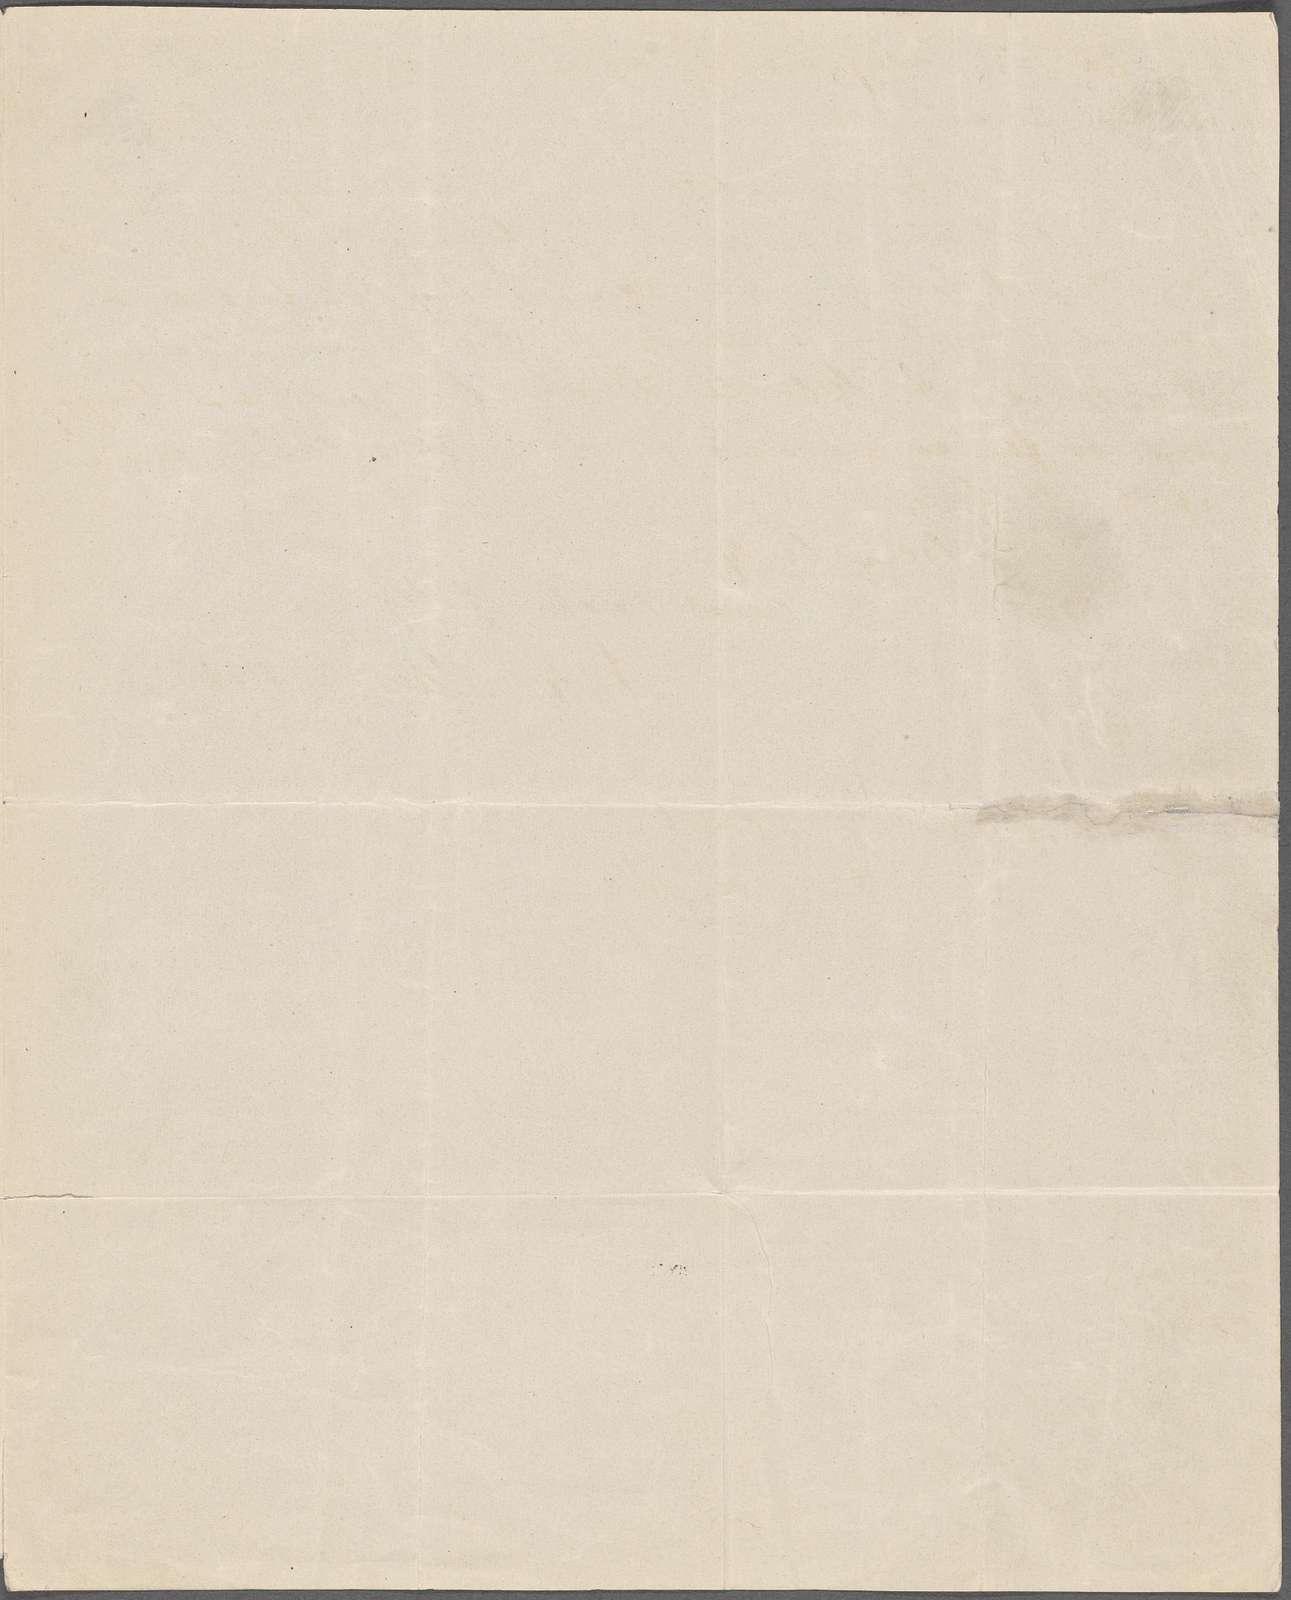 Greenwood, Grace [Sara Jane Clarke Lippincott], ALS to. Jun. 12, 1851.